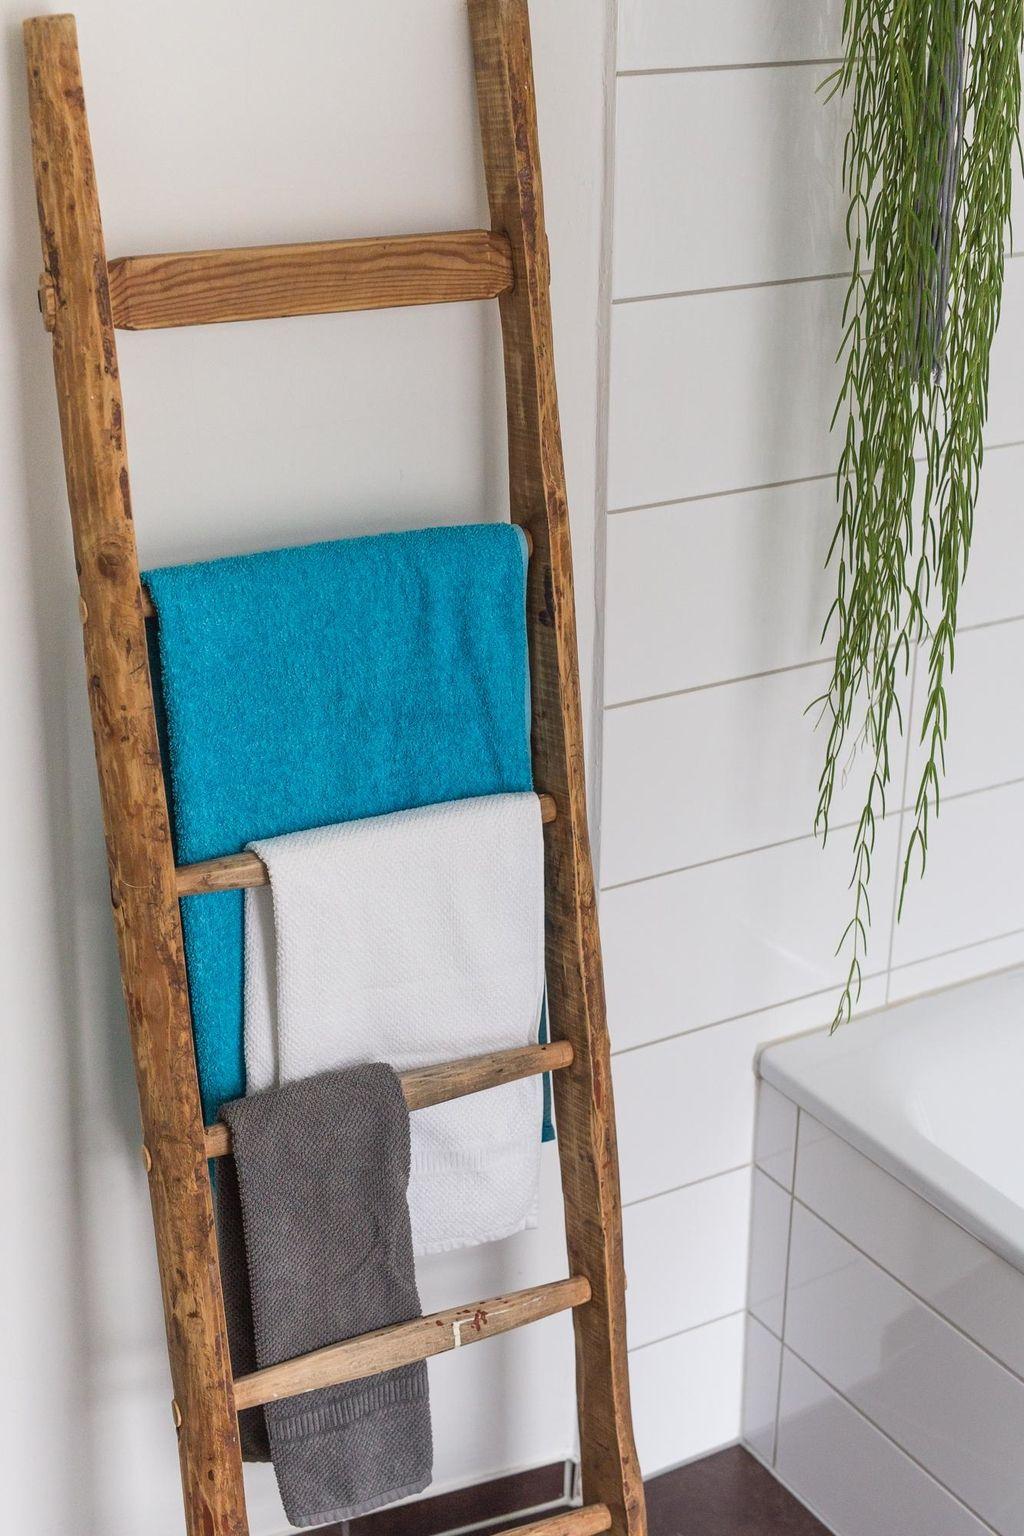 Dachbodenfund Eine alte Leiter wird zum handtuchha in